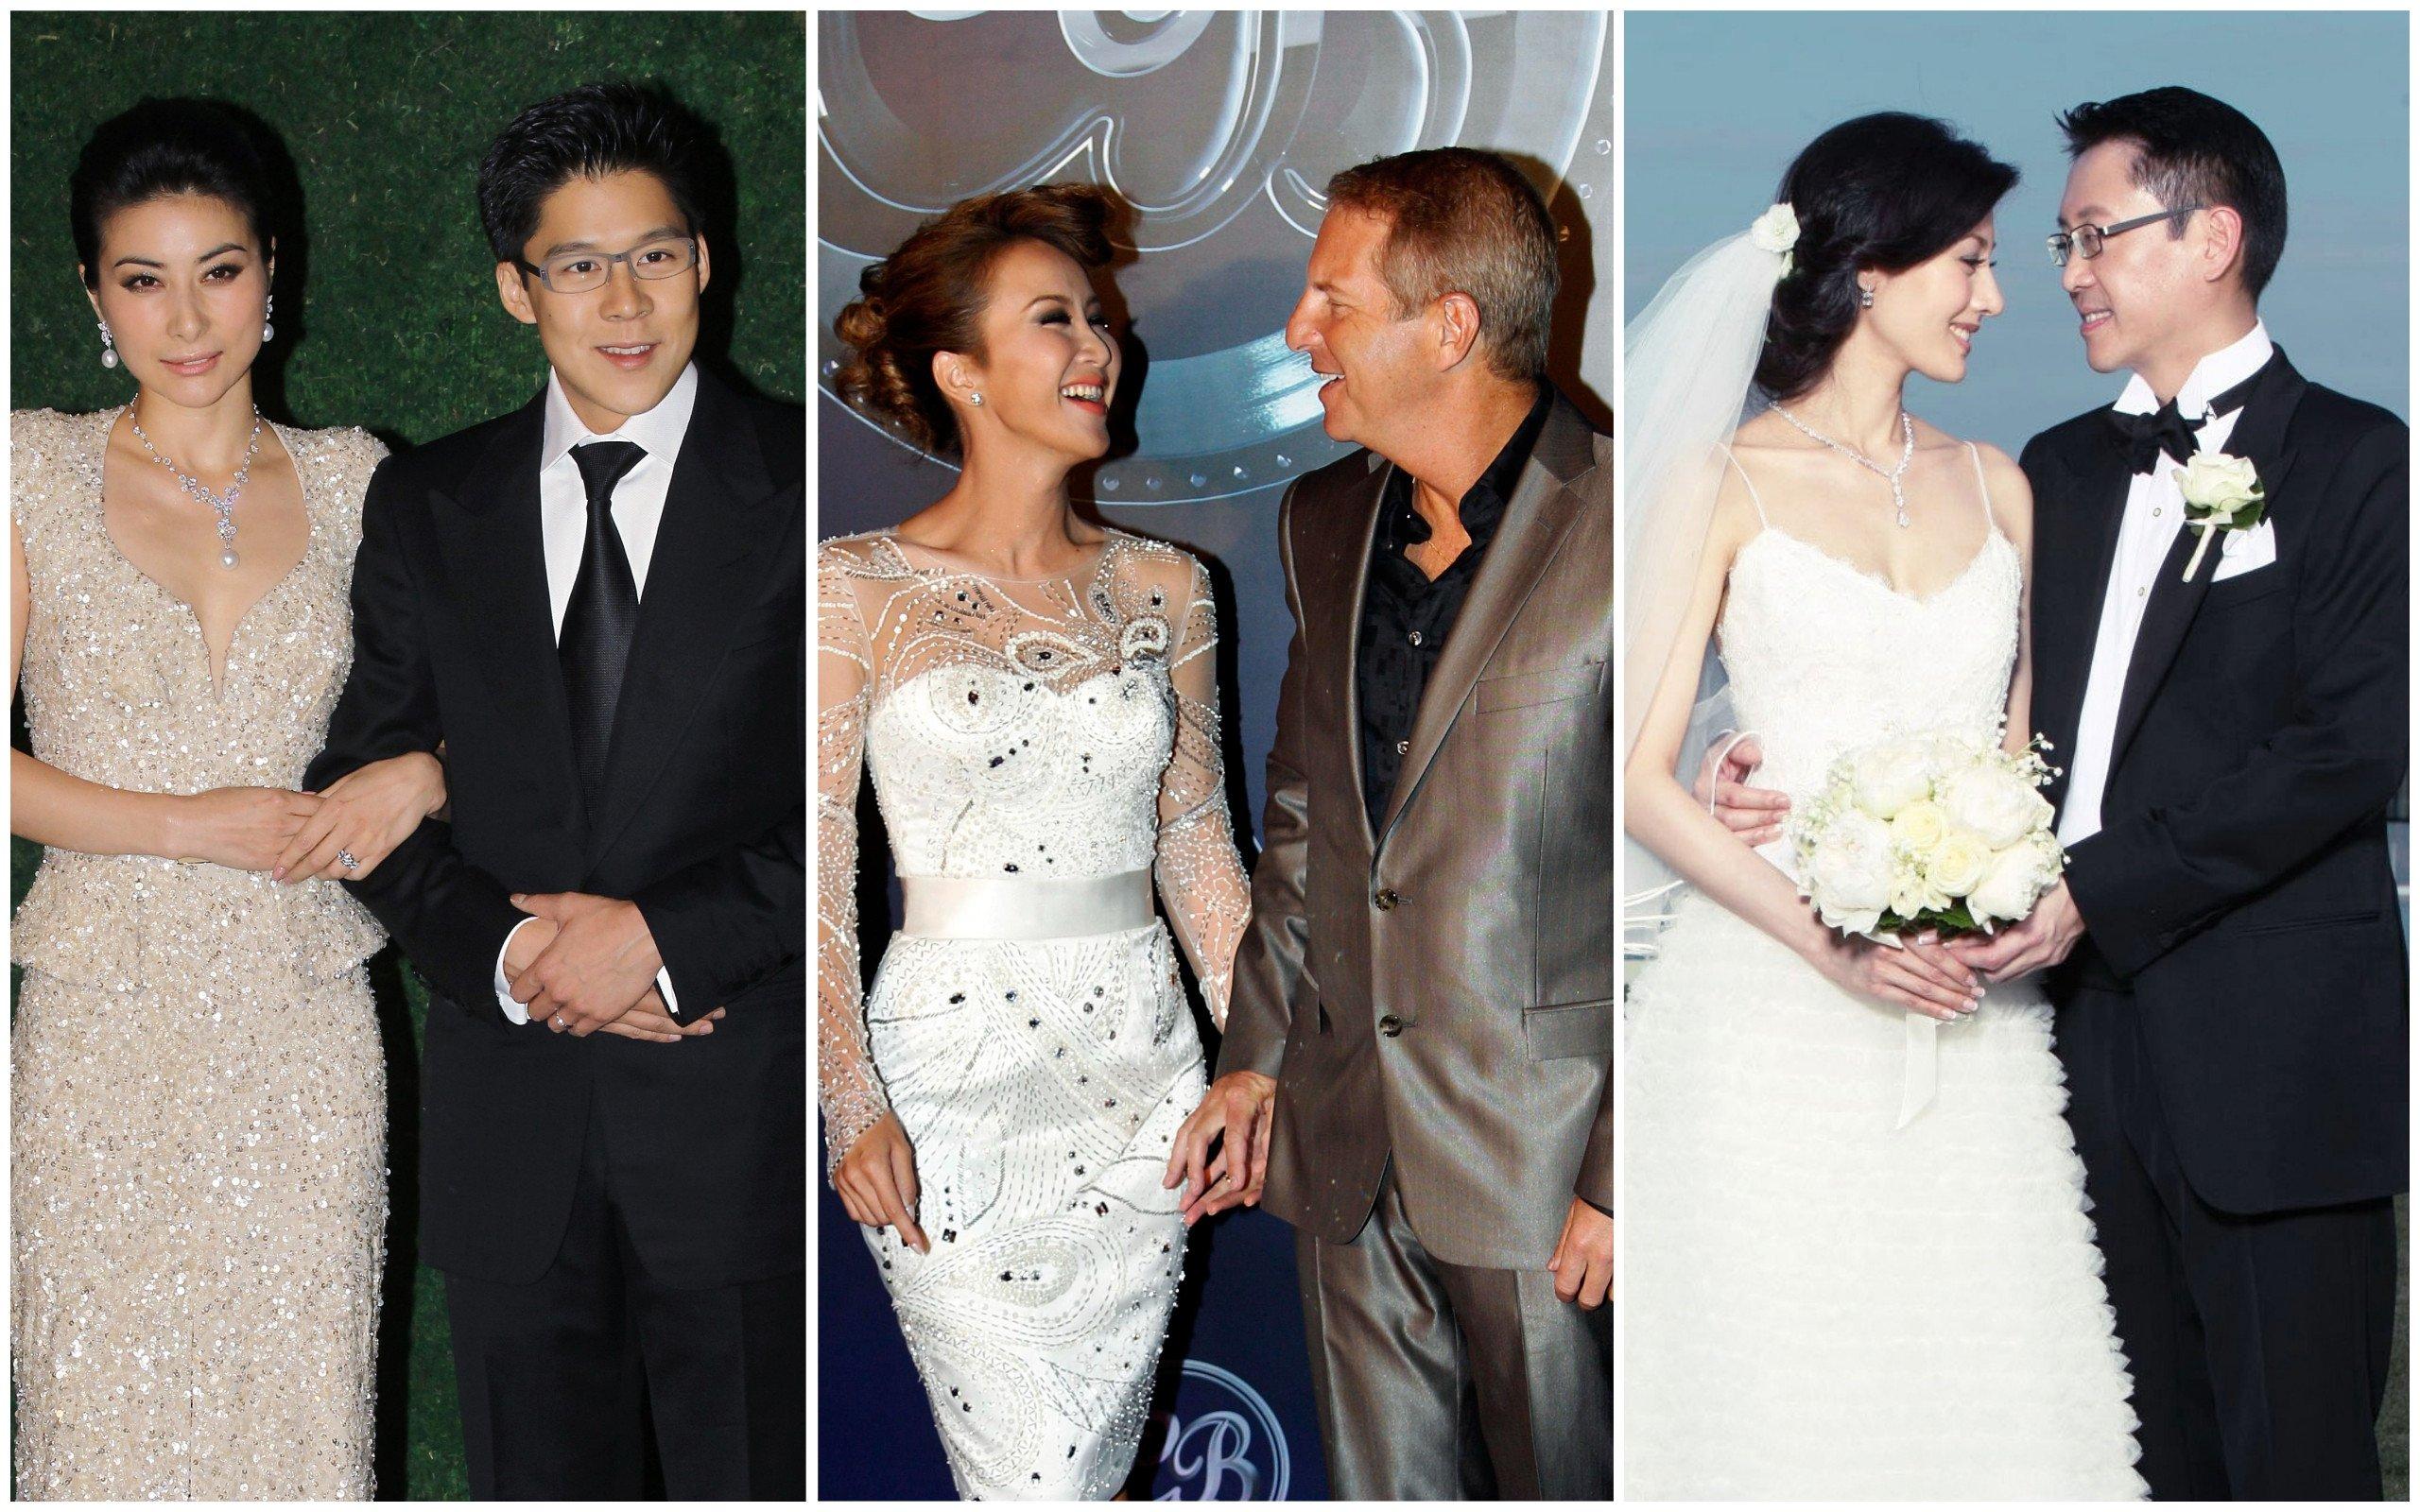 Tony leung and carina lau